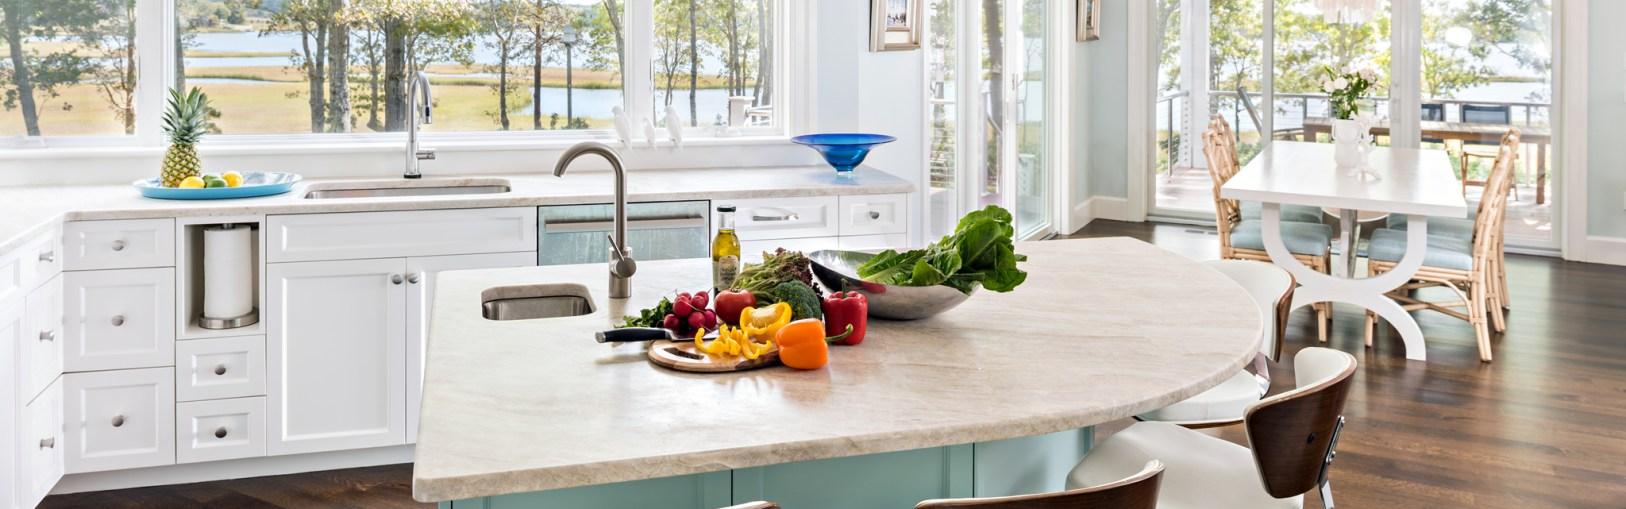 Kitchens & Baths | E.J. Jaxtimer Builder, Inc.